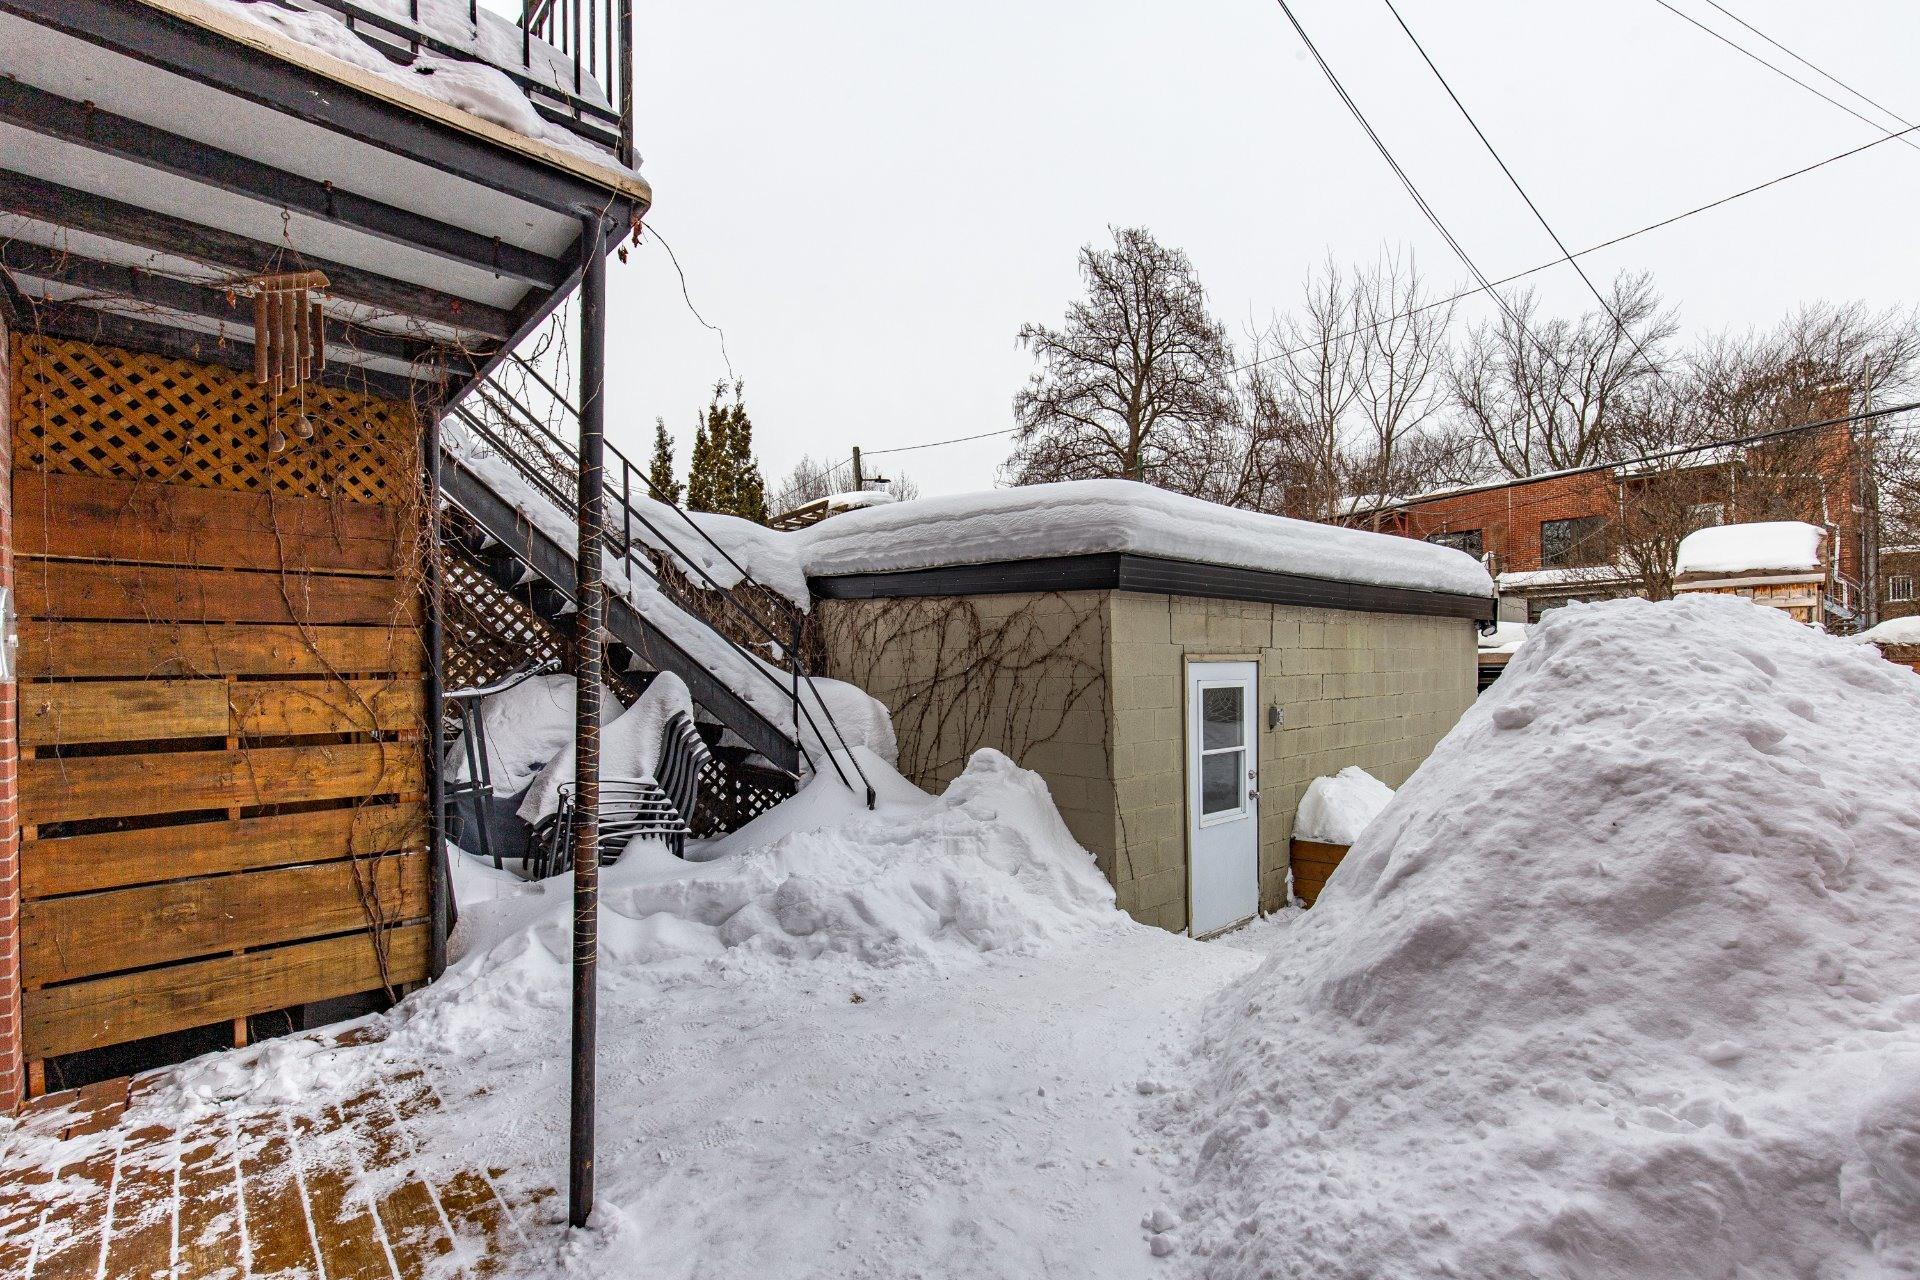 image 32 - Duplex À vendre Villeray/Saint-Michel/Parc-Extension Montréal  - 5 pièces